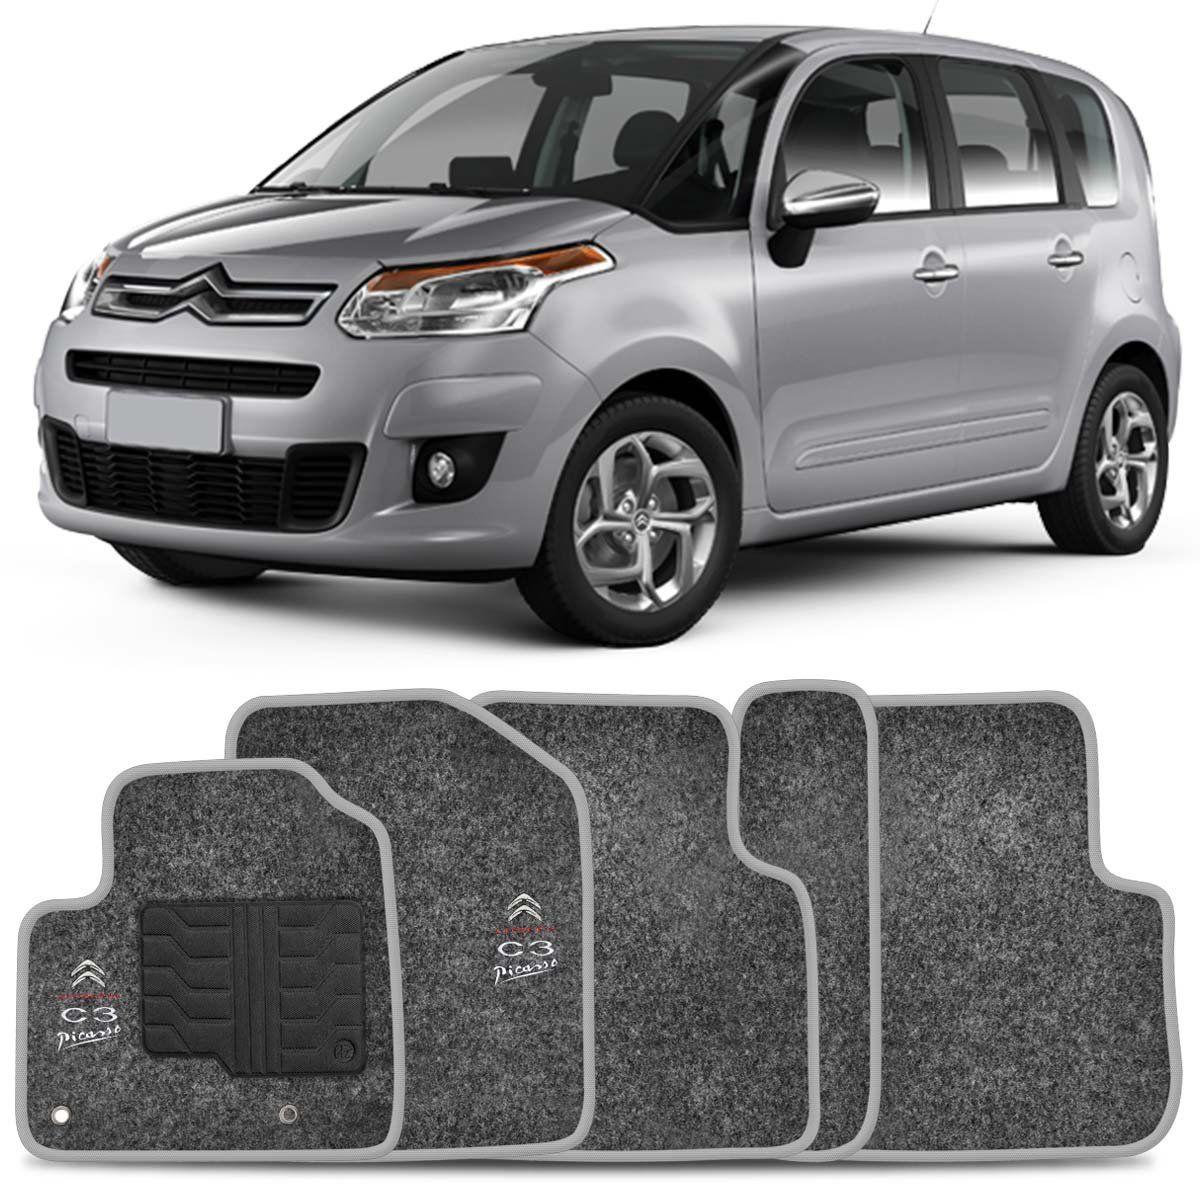 Tapete Carpete Citroën C3 Picasso 2011 2012 2013 2014 2015 Grafite